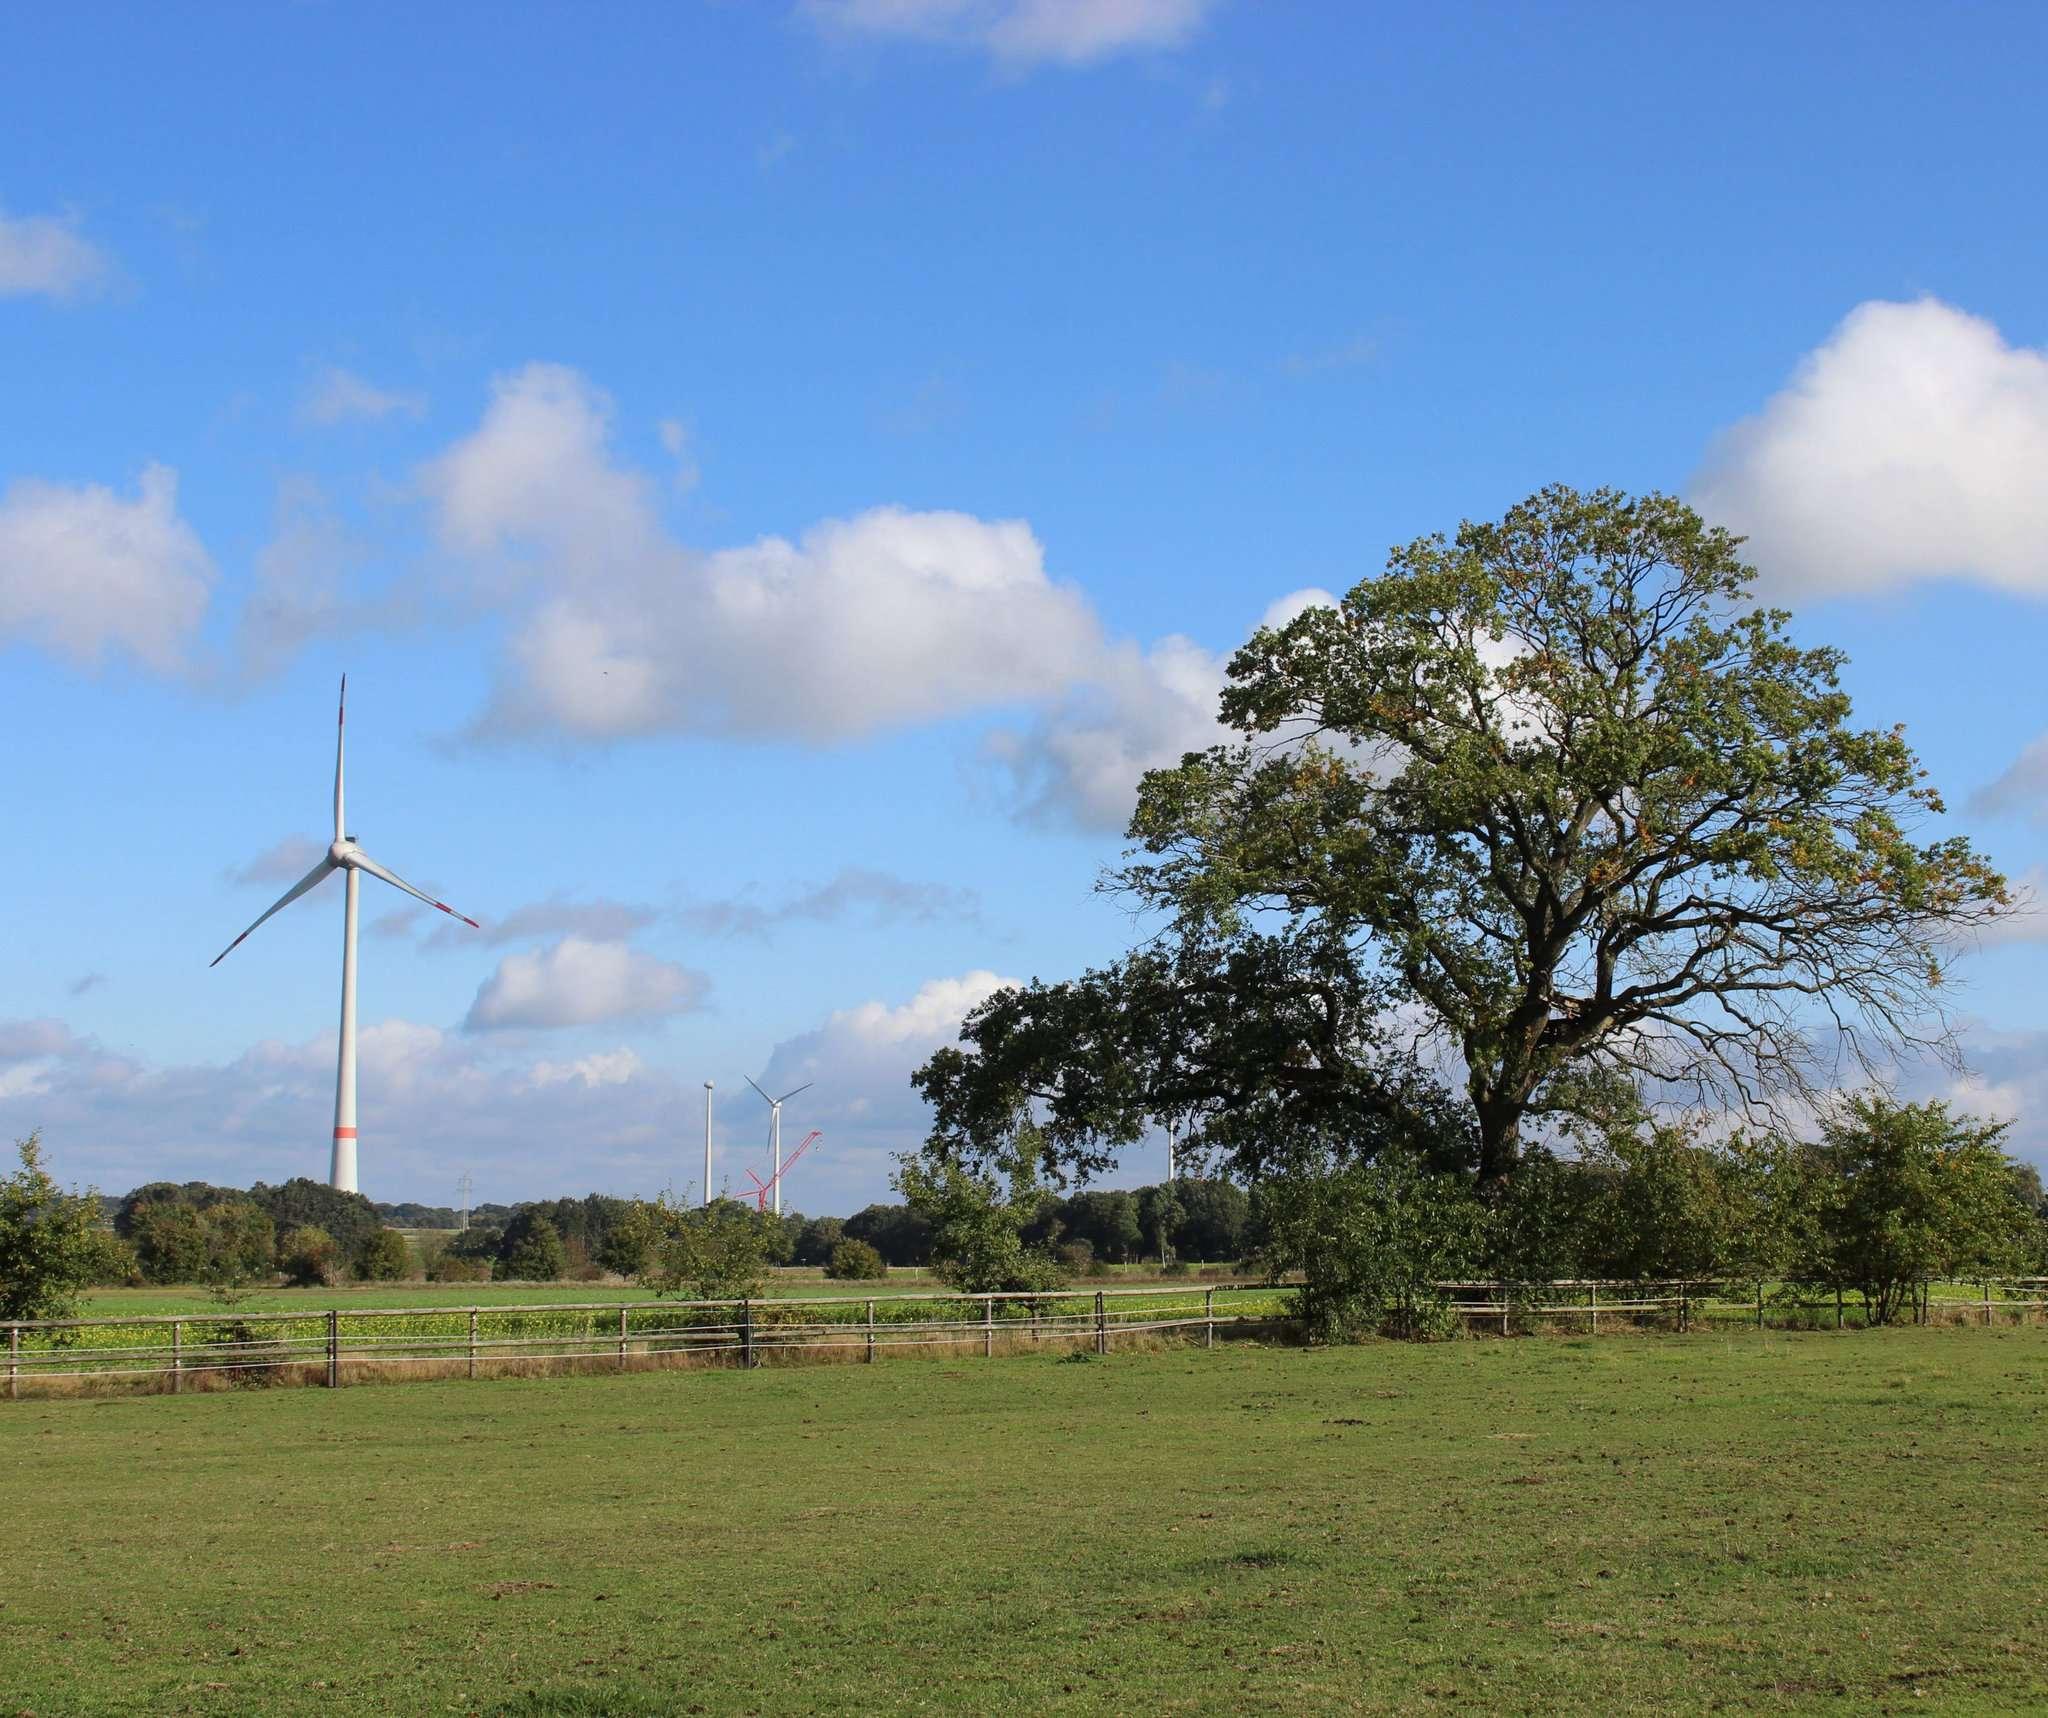 Unweit dieser Windenergieanlage in Quelkhorn sollen 2021 zwei weitere und rund 200 Meter hohe Anlagen in Betrieb genommen werden.  Foto: Björn Blaak